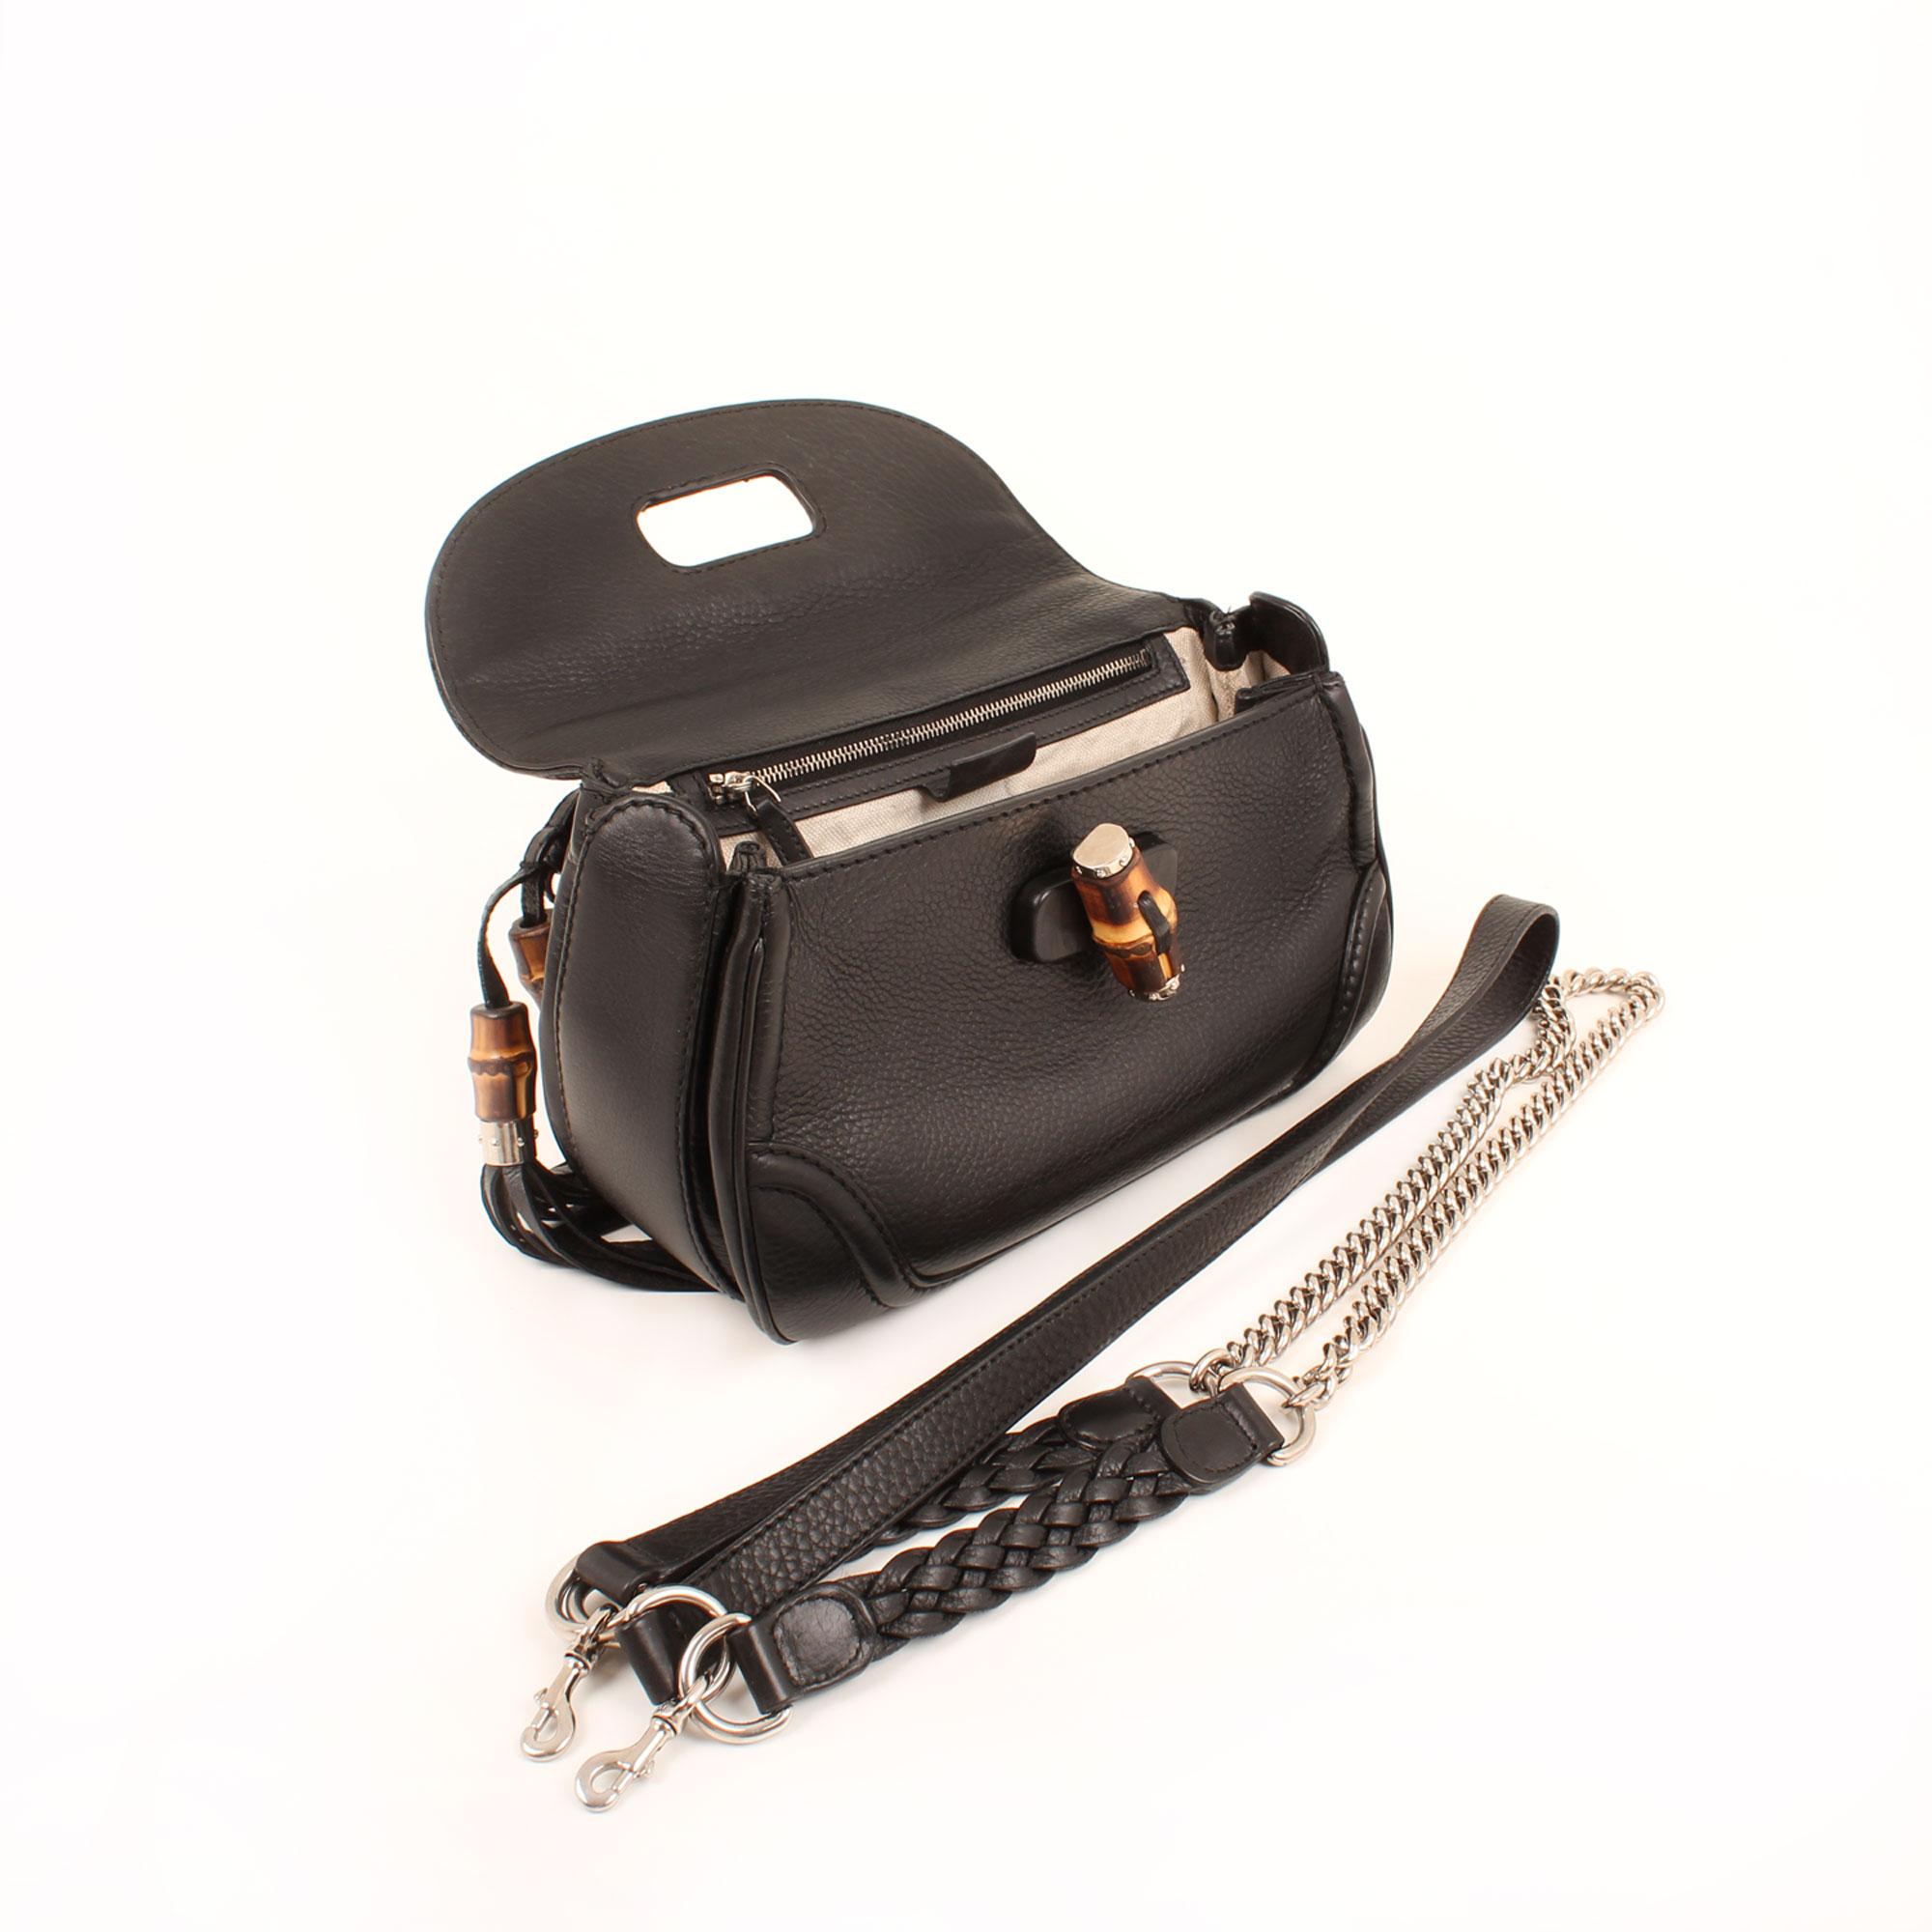 Imagen del bolso abierto y sin bandolera bolso gucci new bamboo negro